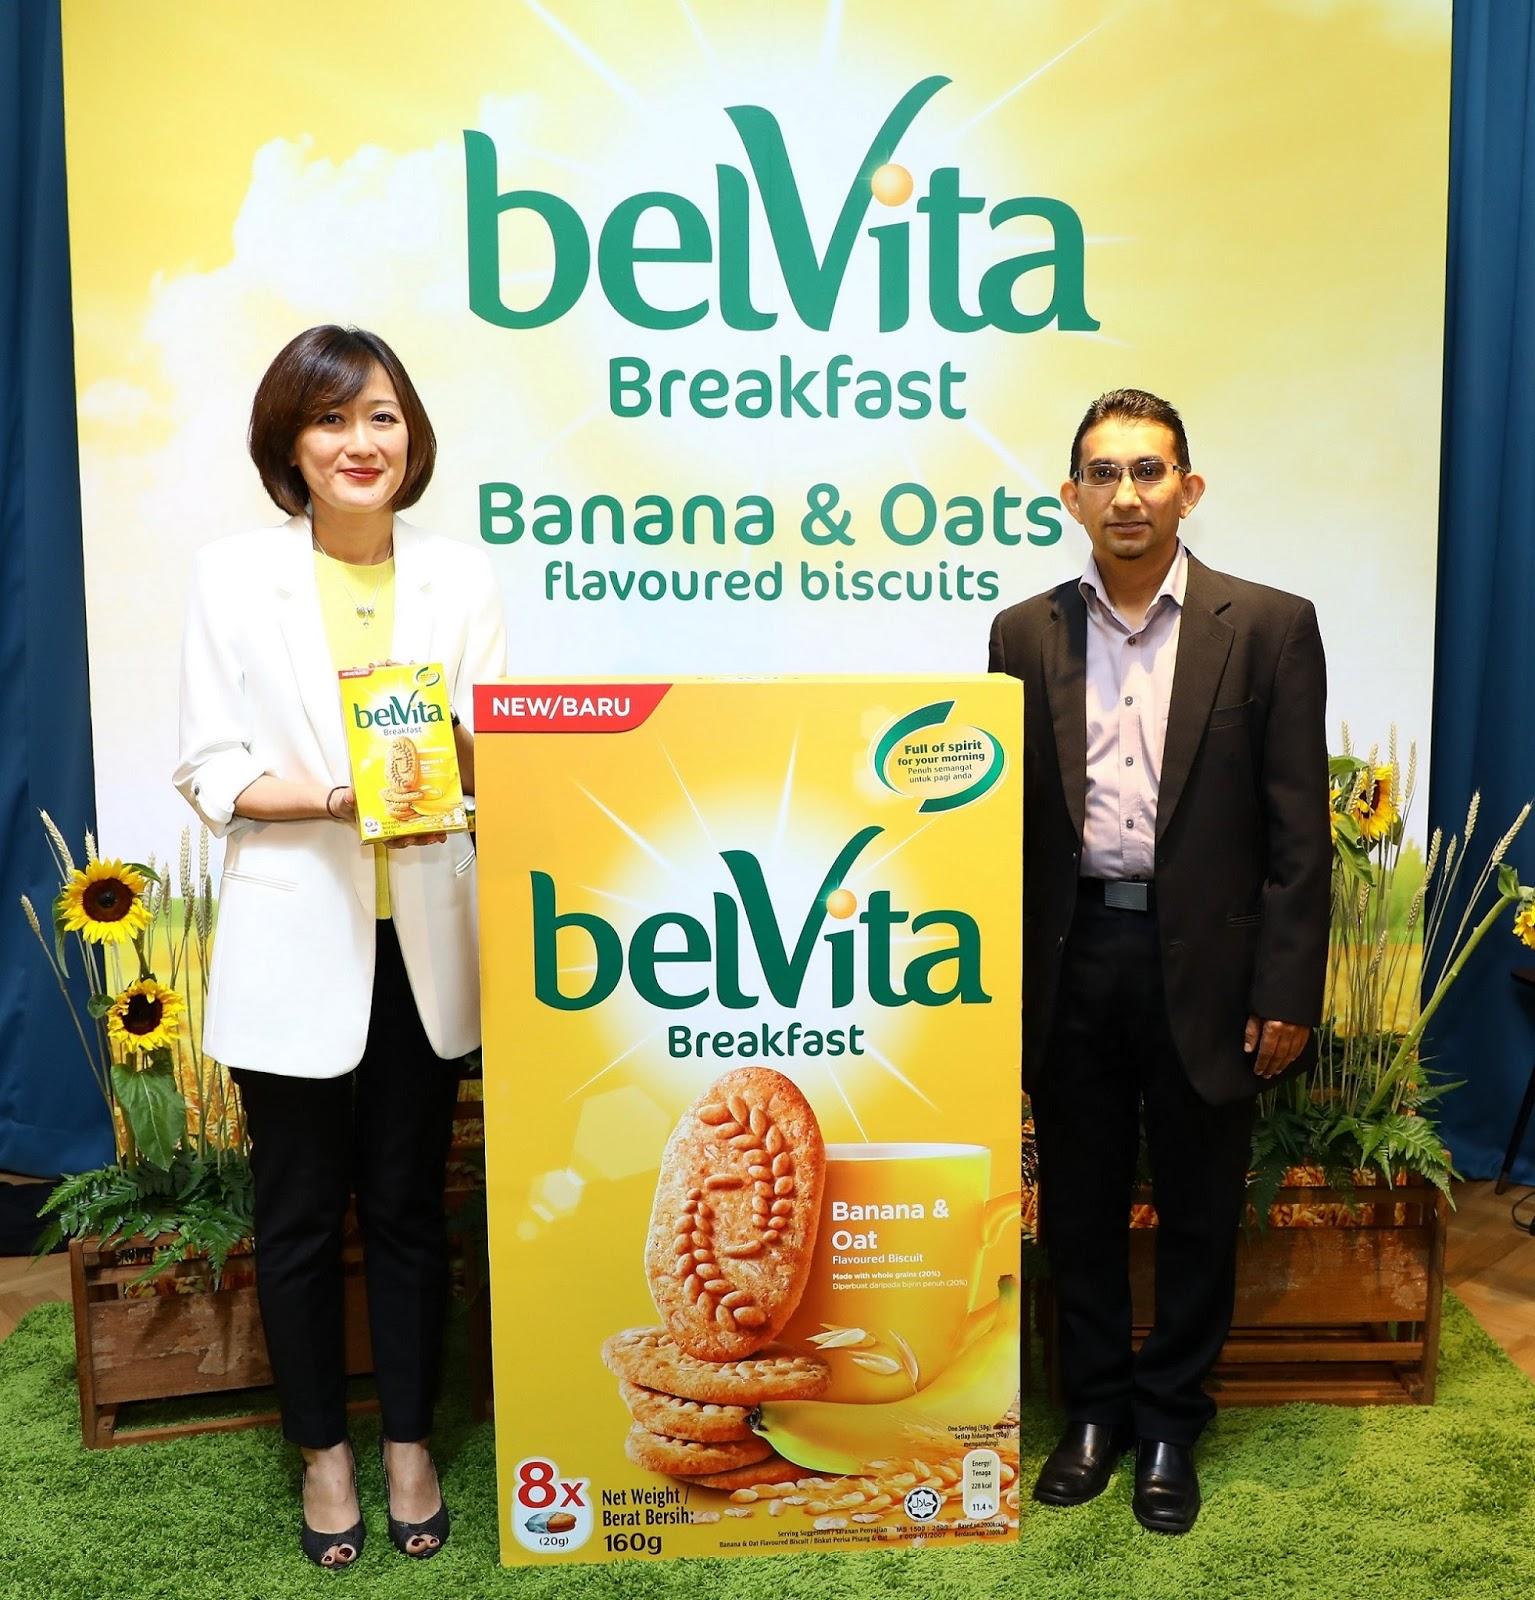 belVita Breakfast Biscuits, review